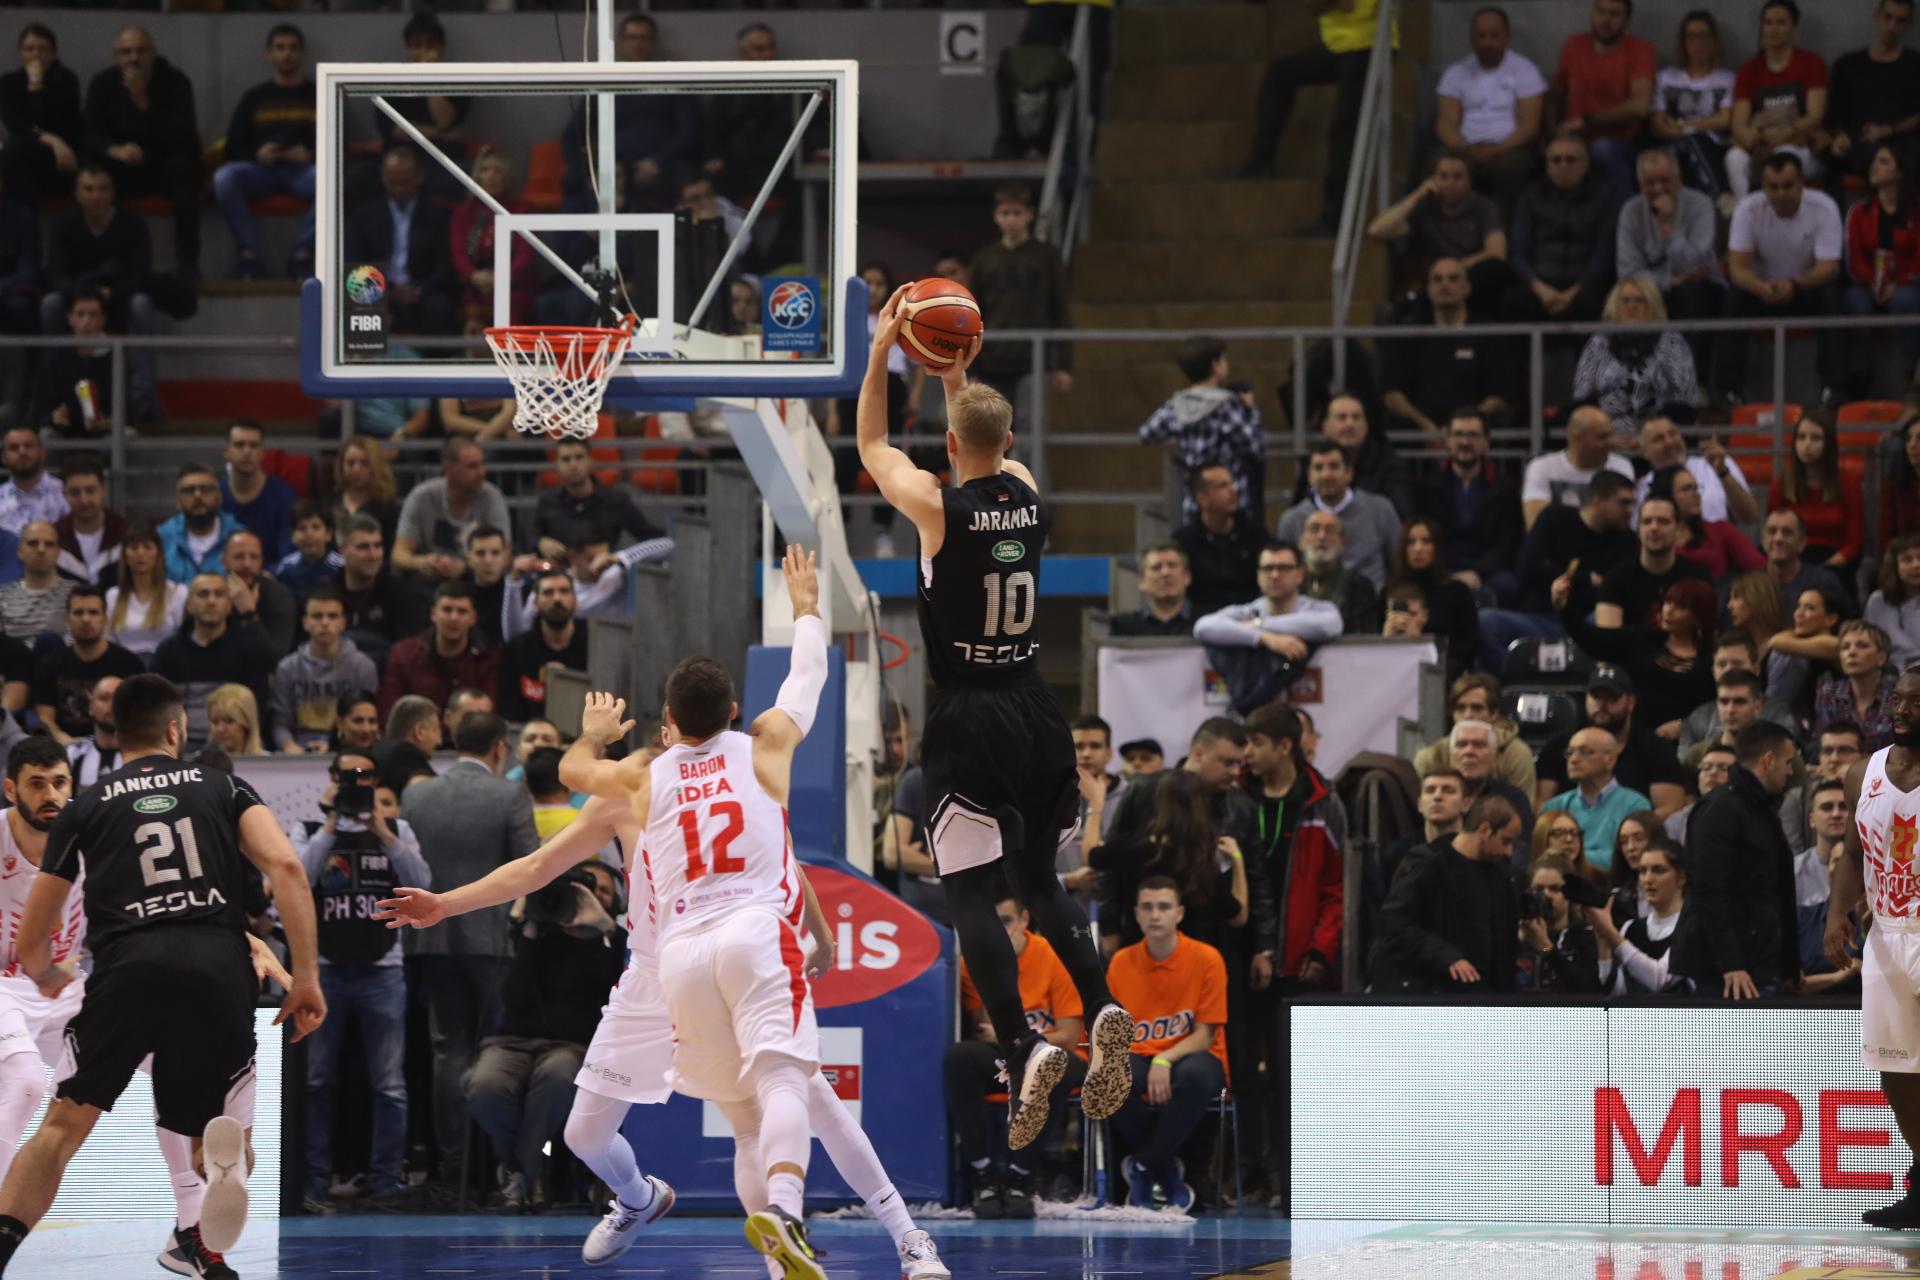 (UŽIVO) Velika borba u Nišu: Zvezda stigla, ali Partizan se opet odvojio rezultatski